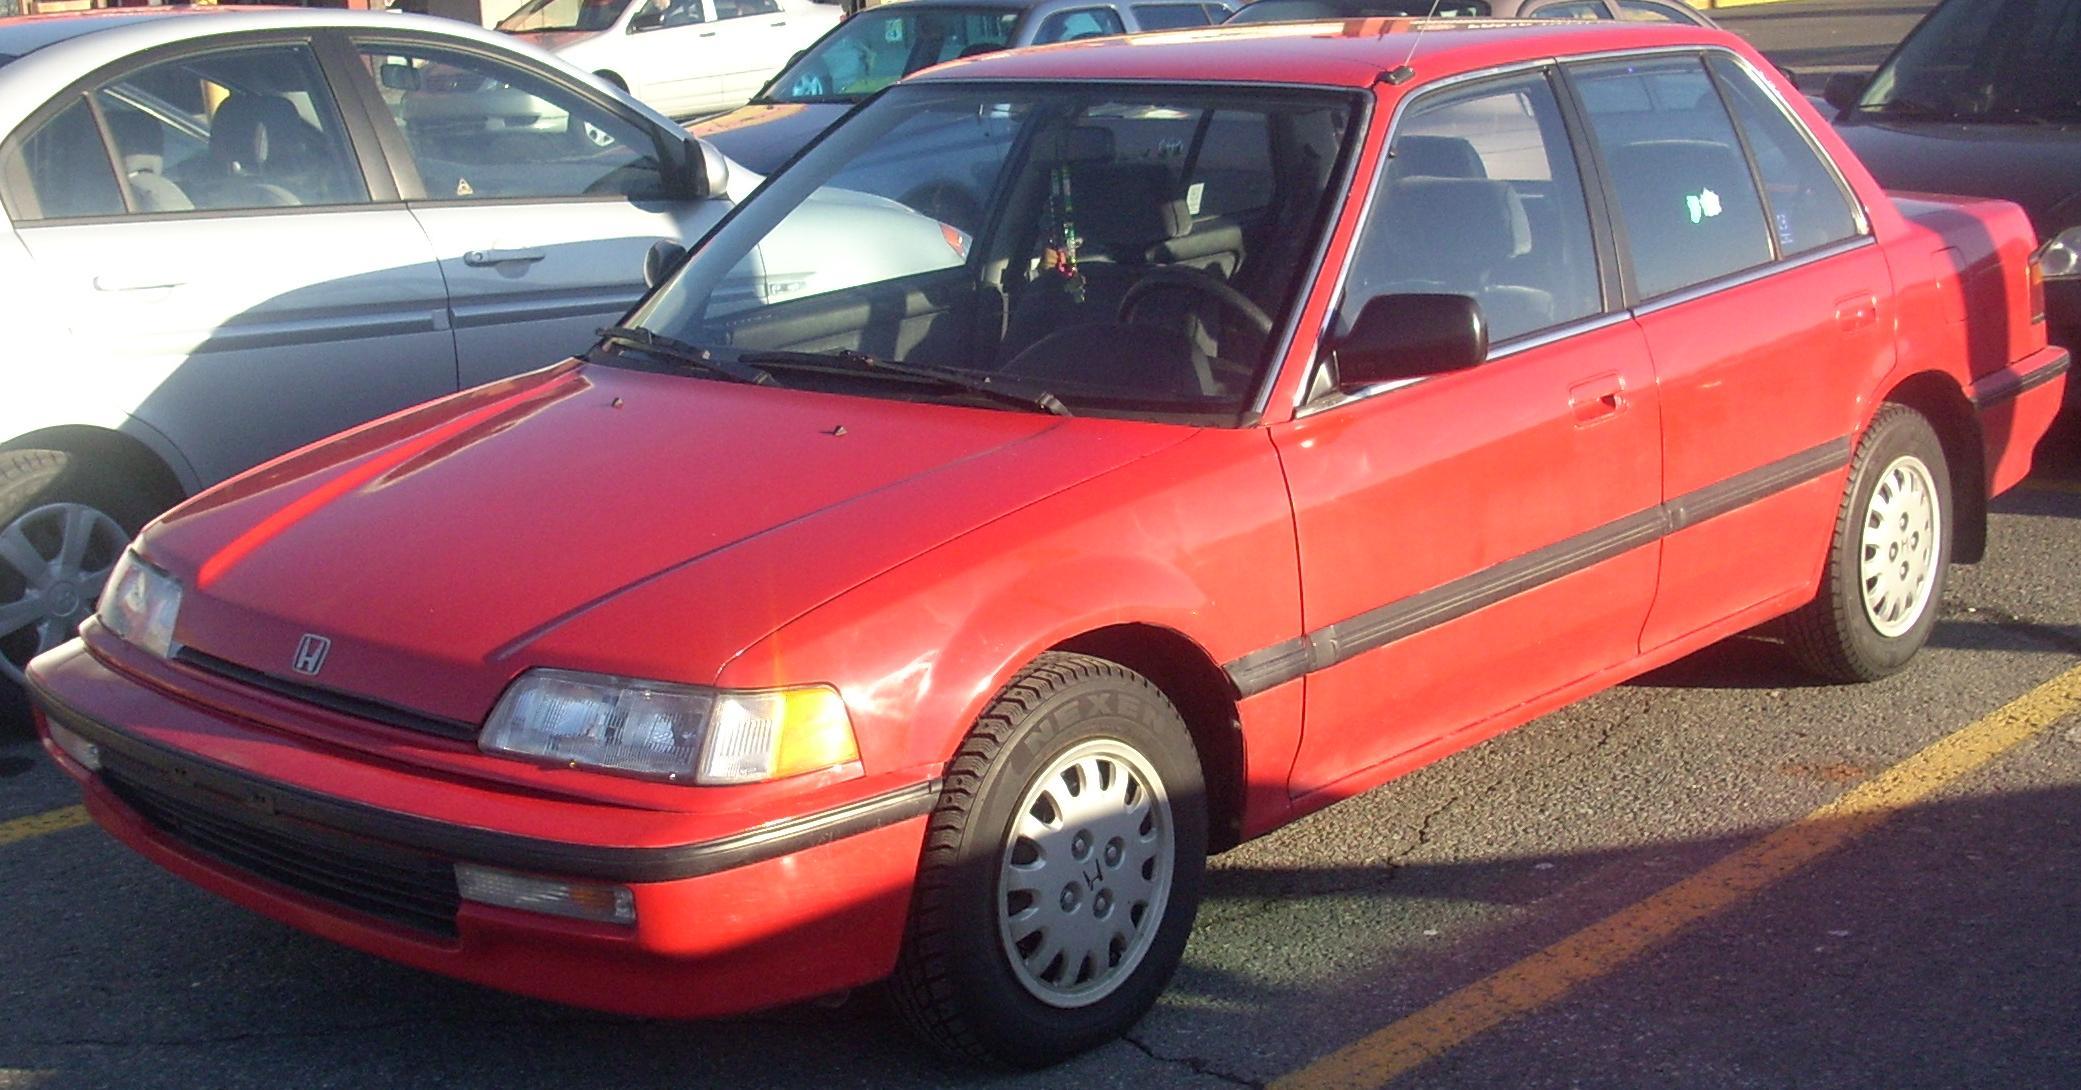 Kekurangan Honda Civic 91 Harga